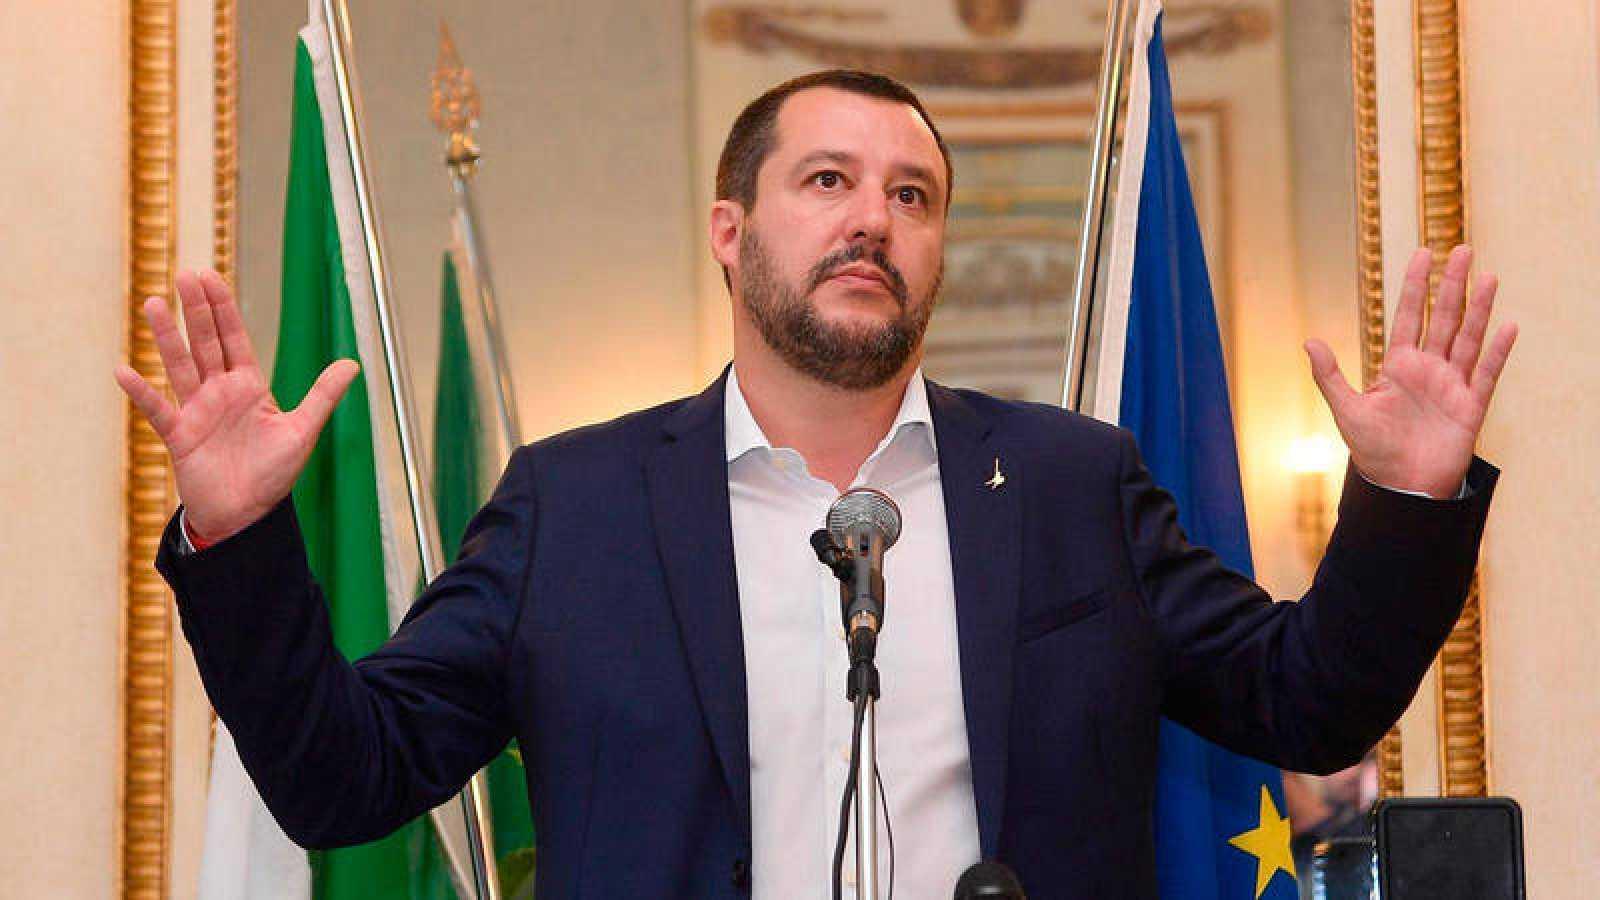 El ministro italiano de Interior, Matteo Salvini